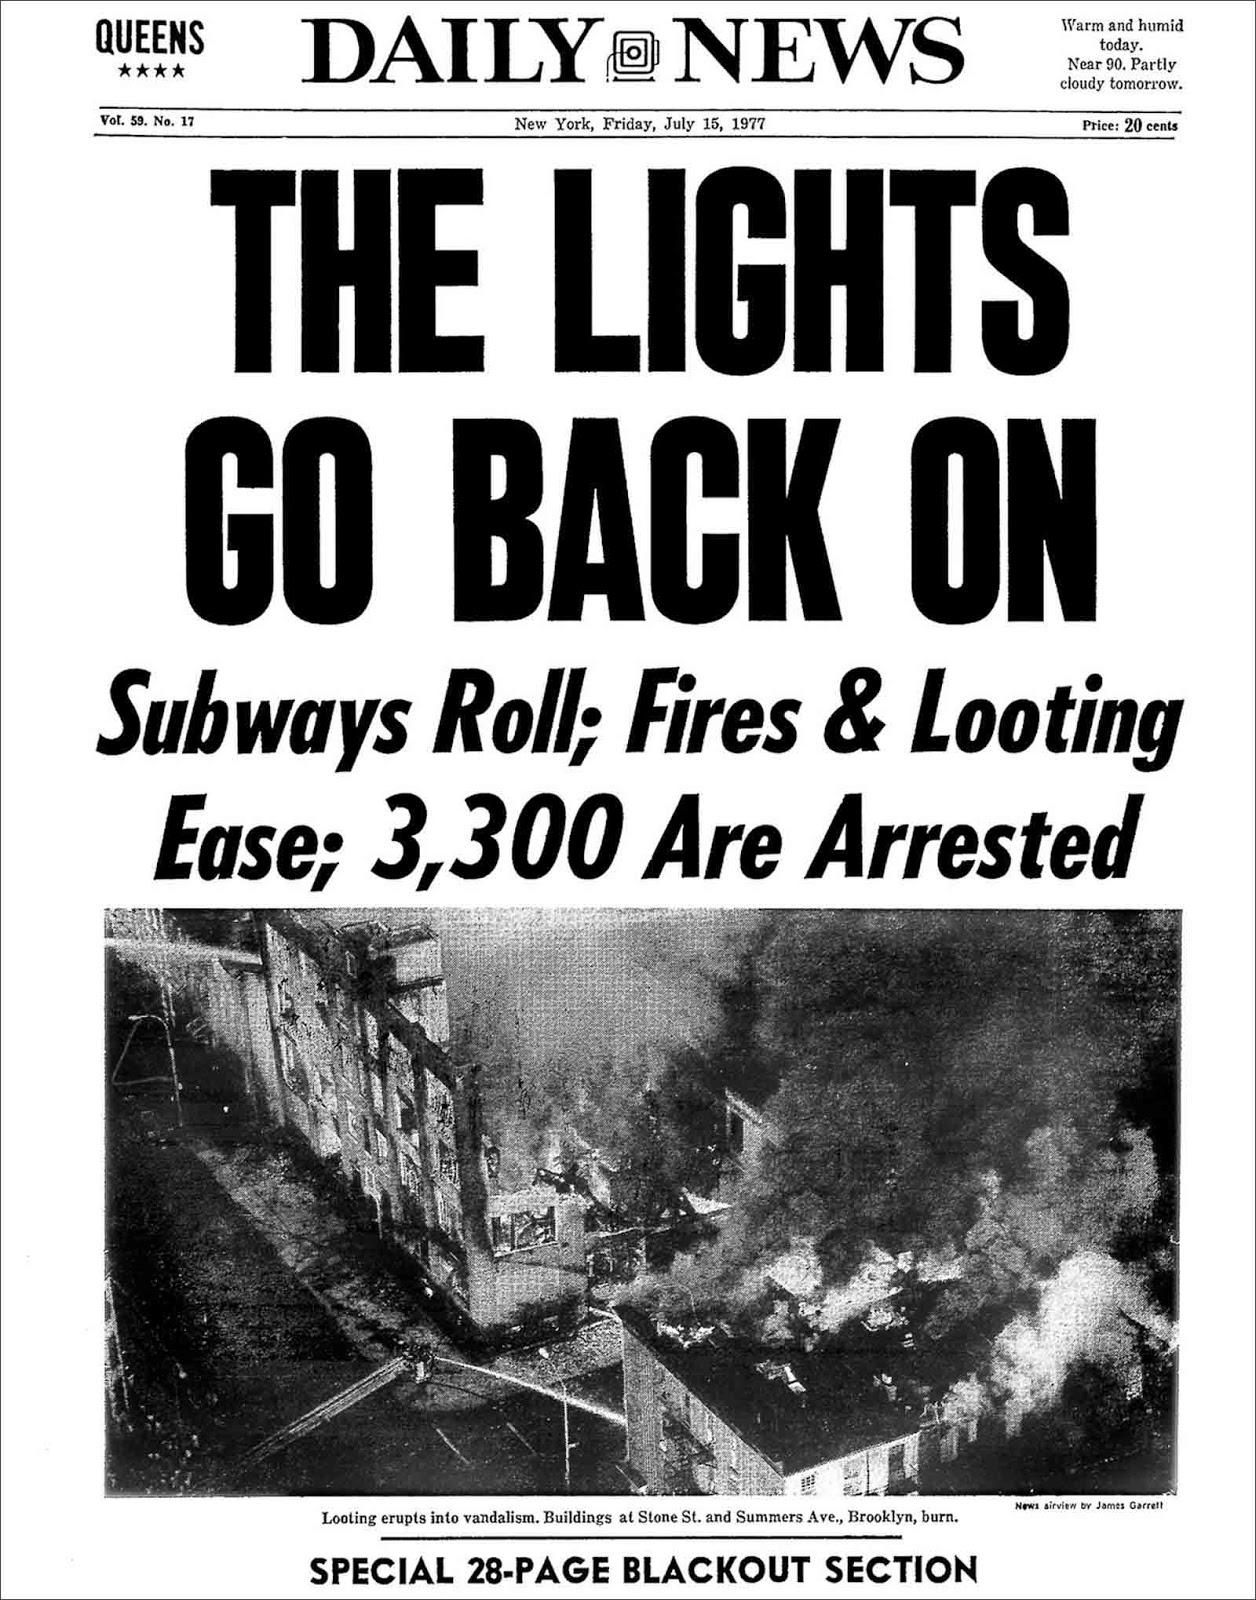 El infame apagón de la ciudad de Nueva York de 1977